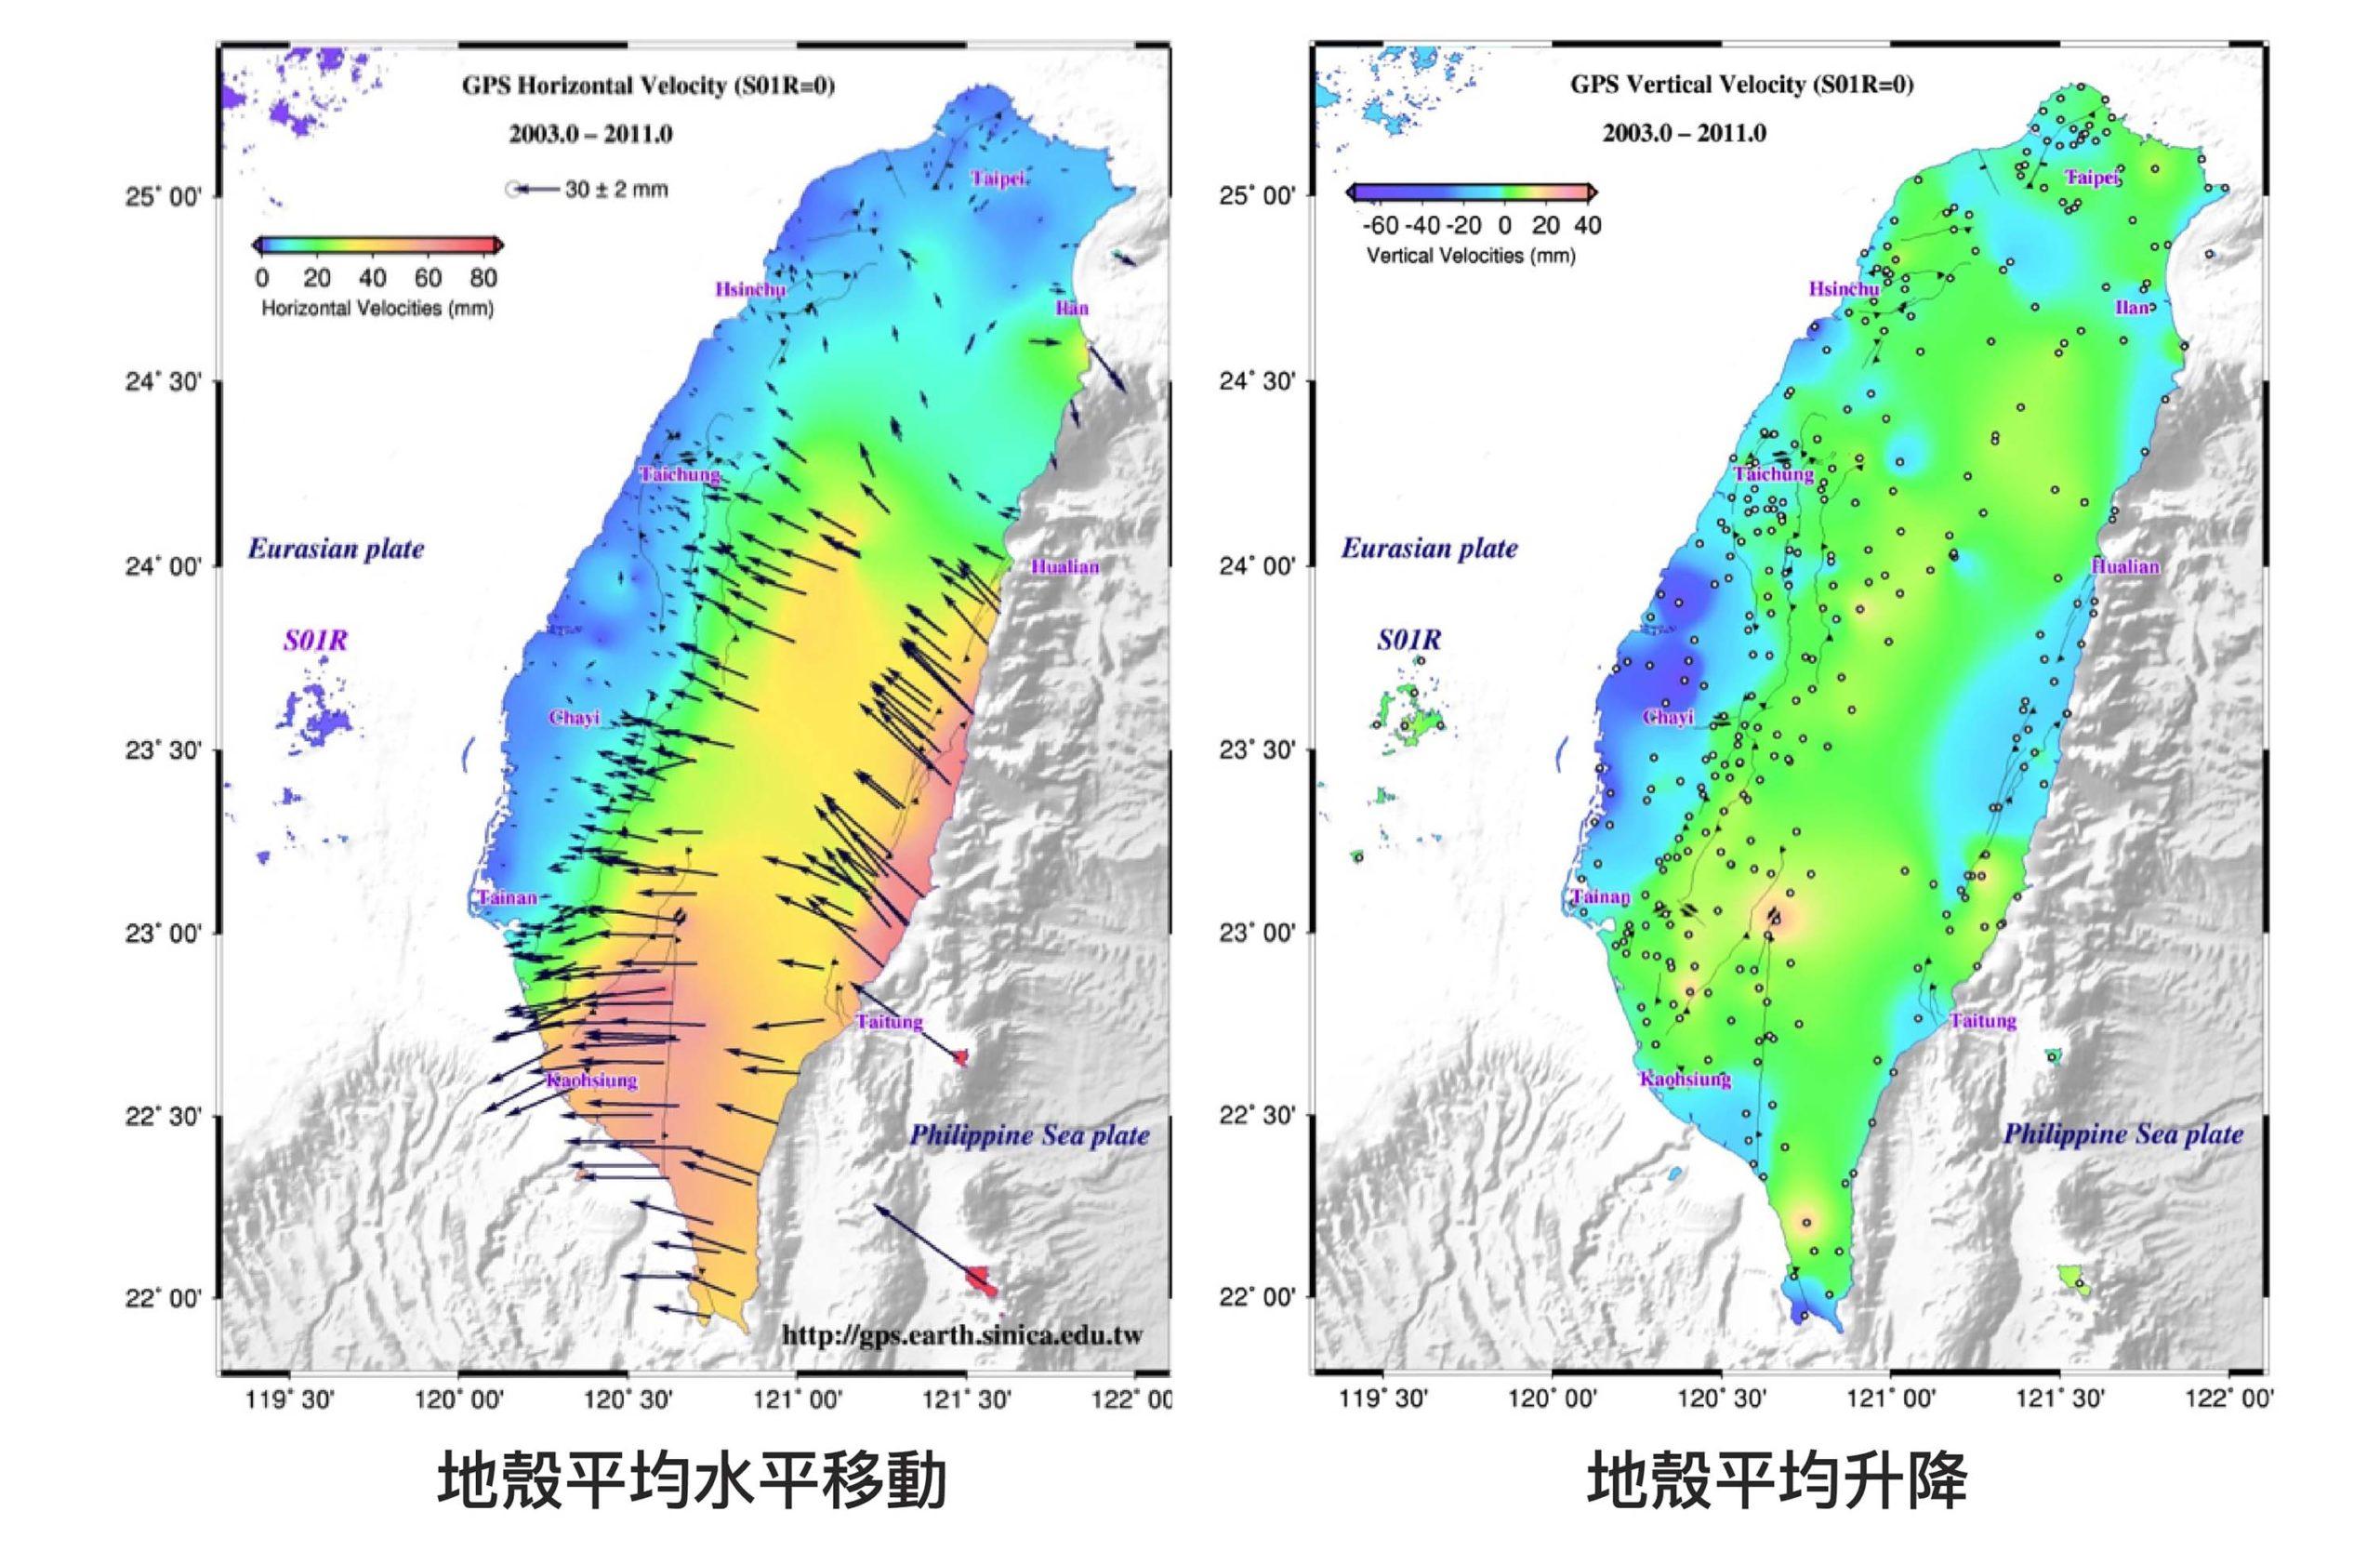 分析全臺各地 GPS 測站的座標變化,得出 2003-2010 年間臺灣地區的地殼變動。圖│臺灣地震科學中心